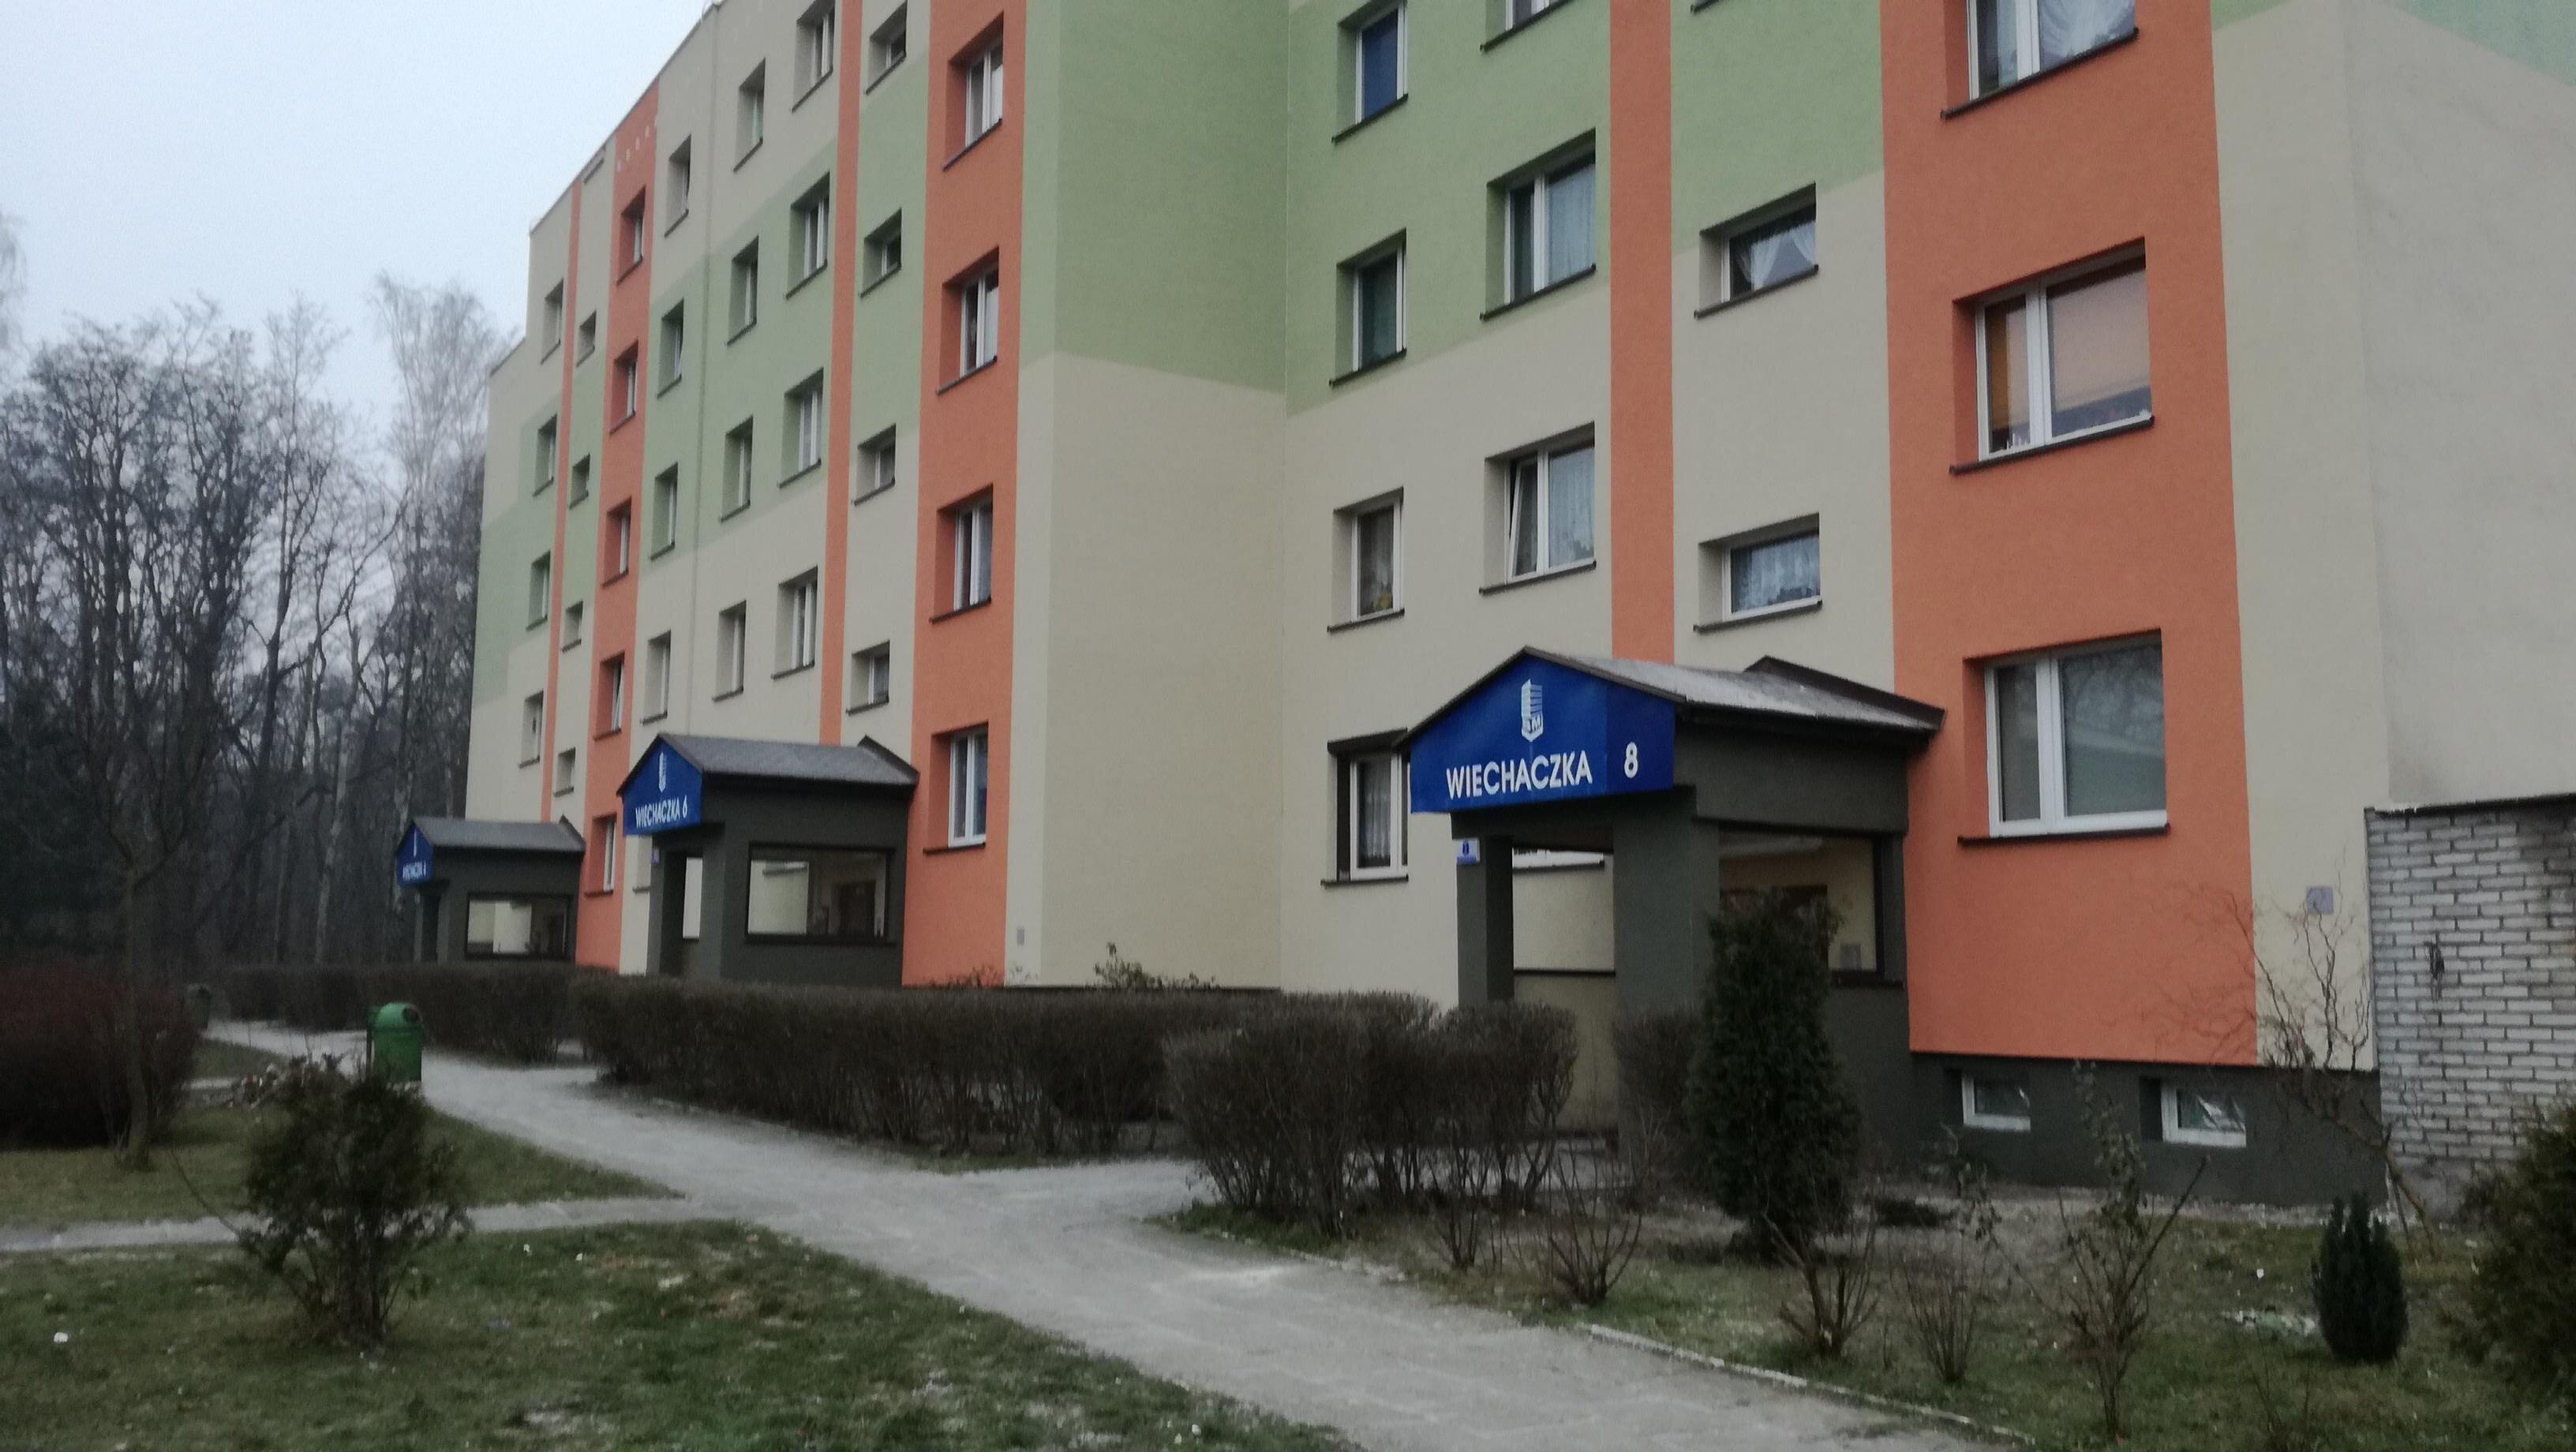 docieplenie_elewacji_budynku_2011_swietochlowice